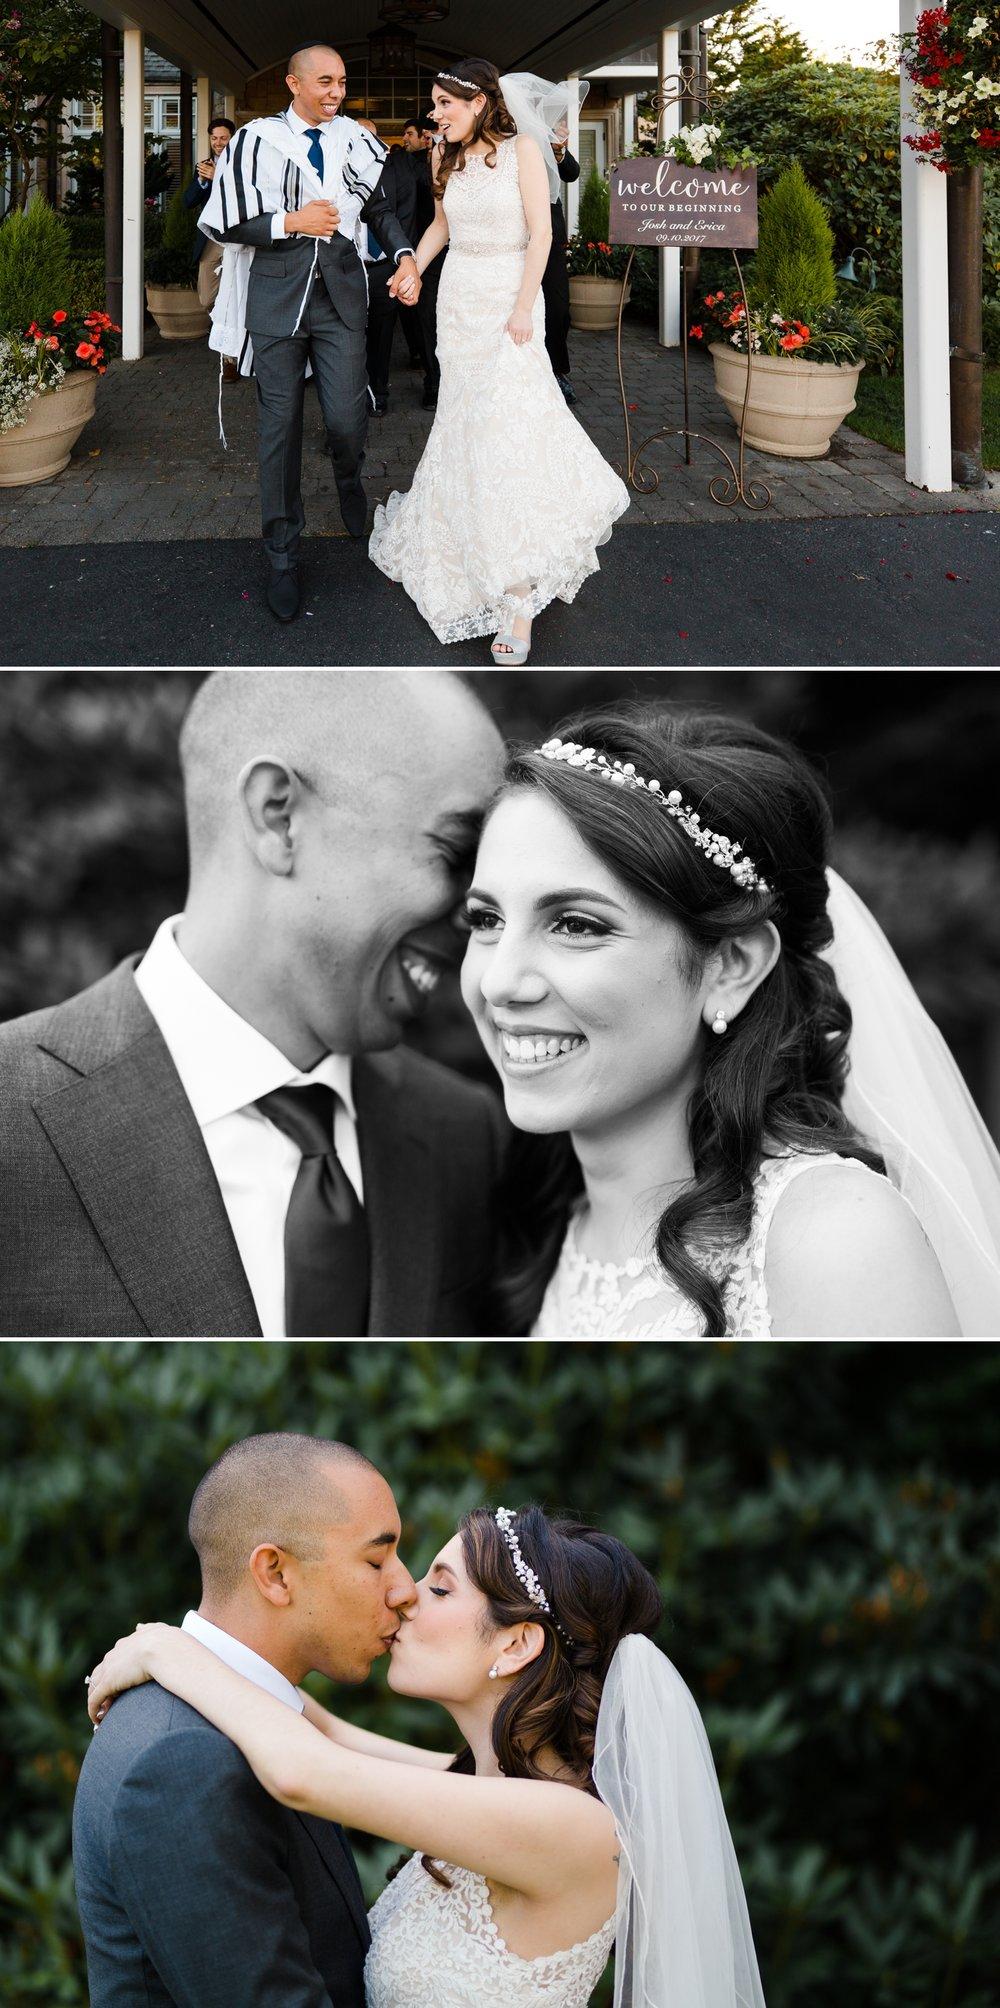 18-fun-jewish-wedding-seattle.jpg